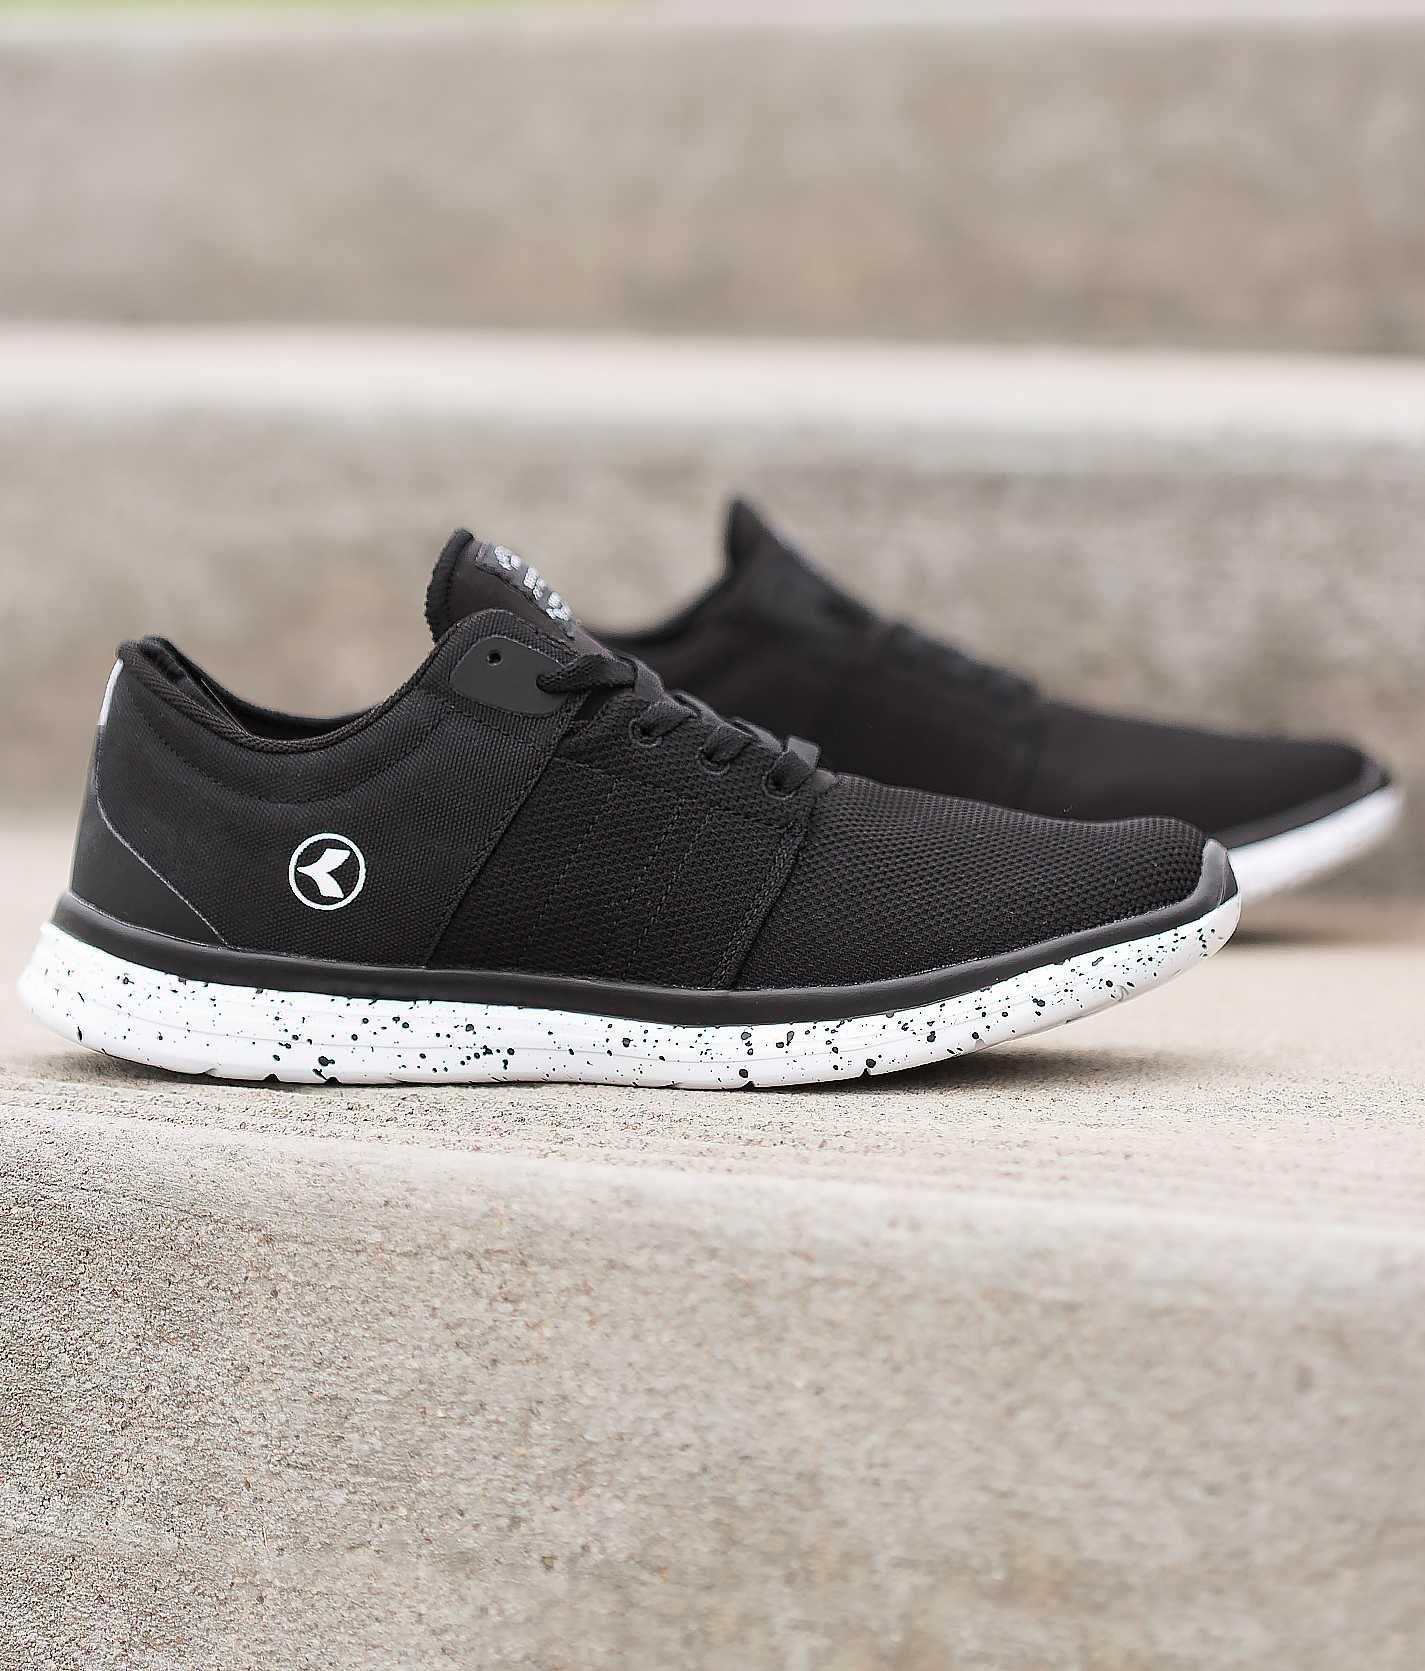 kustom black leather shoes